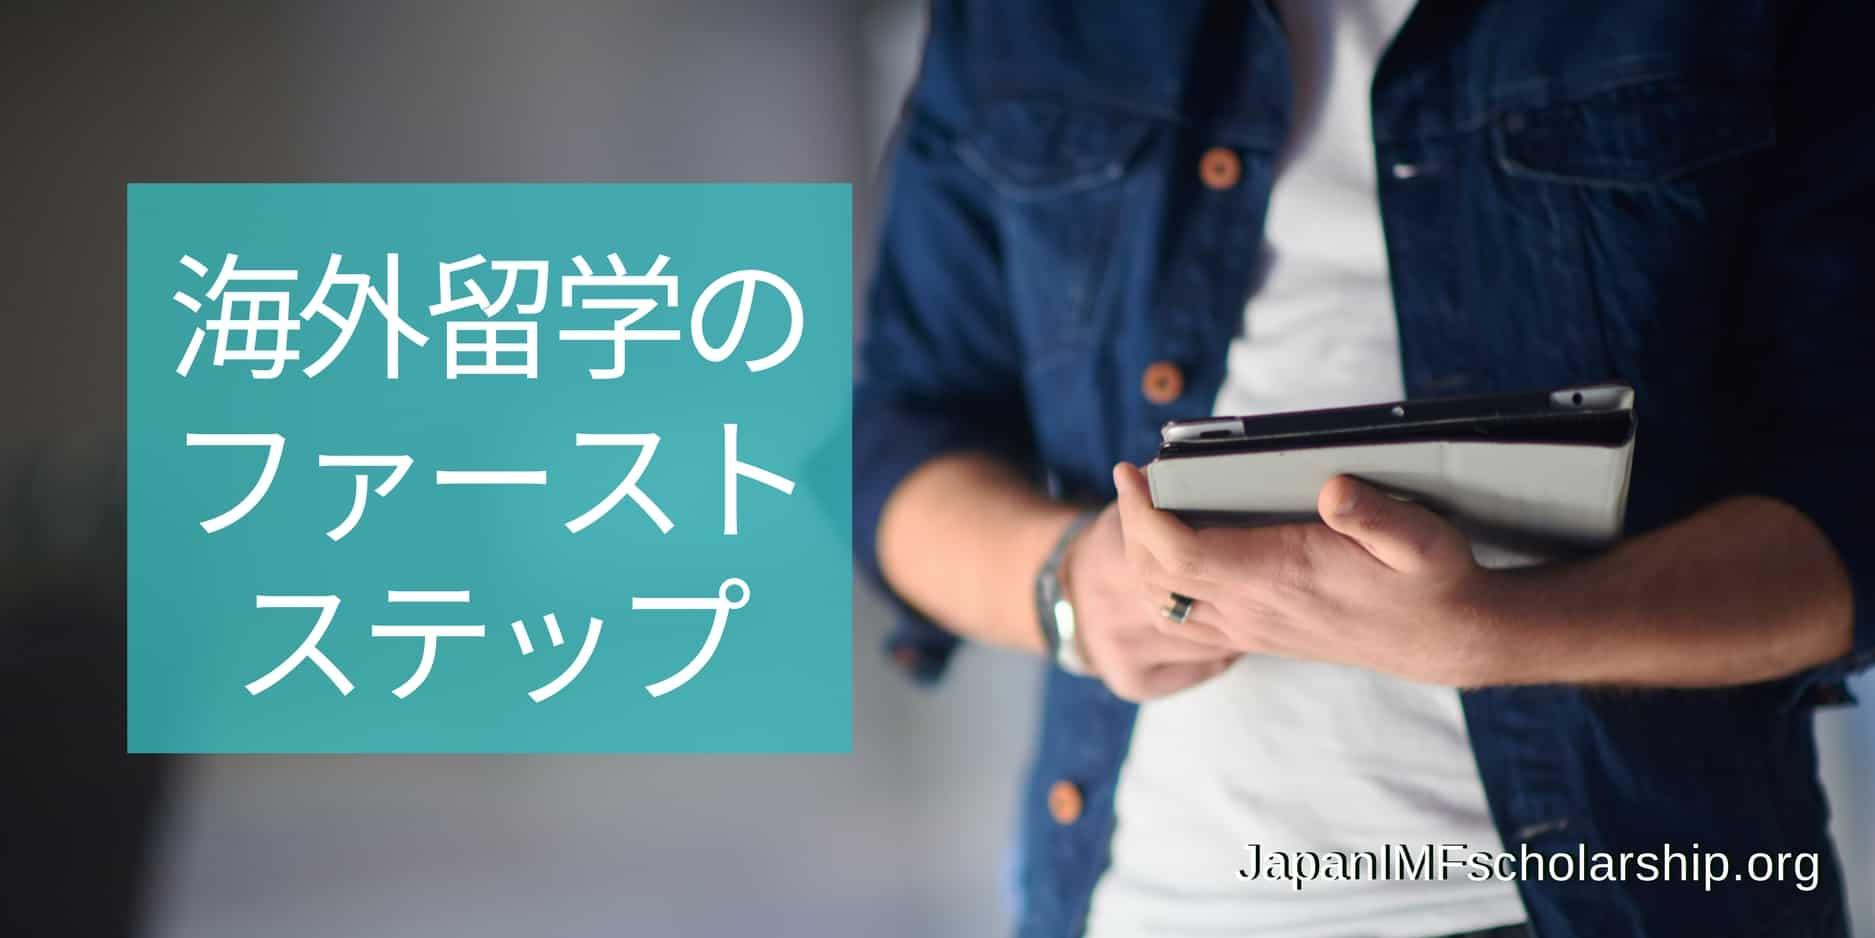 jisp web-fb 海外留学のファーストステップ